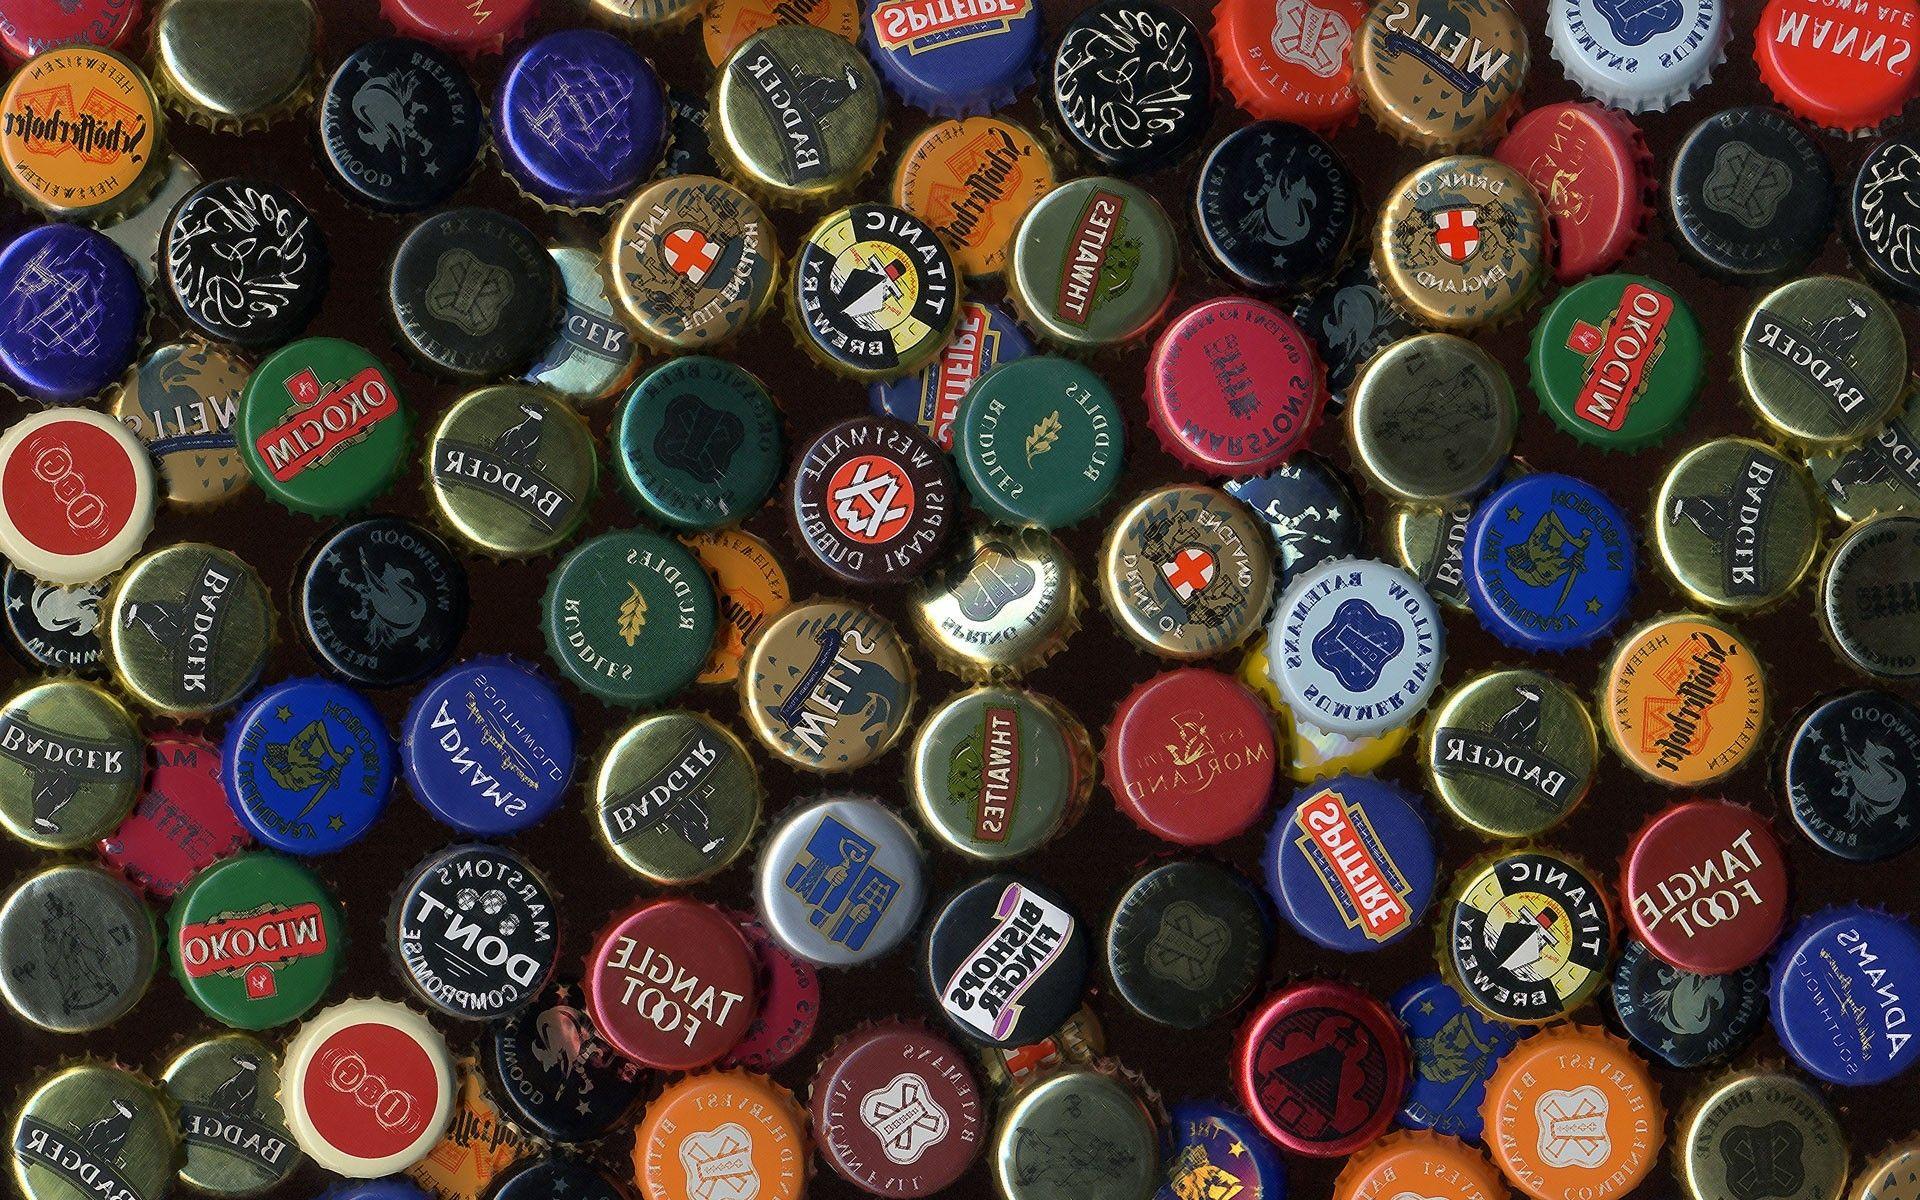 beer bottle caps backgrounds